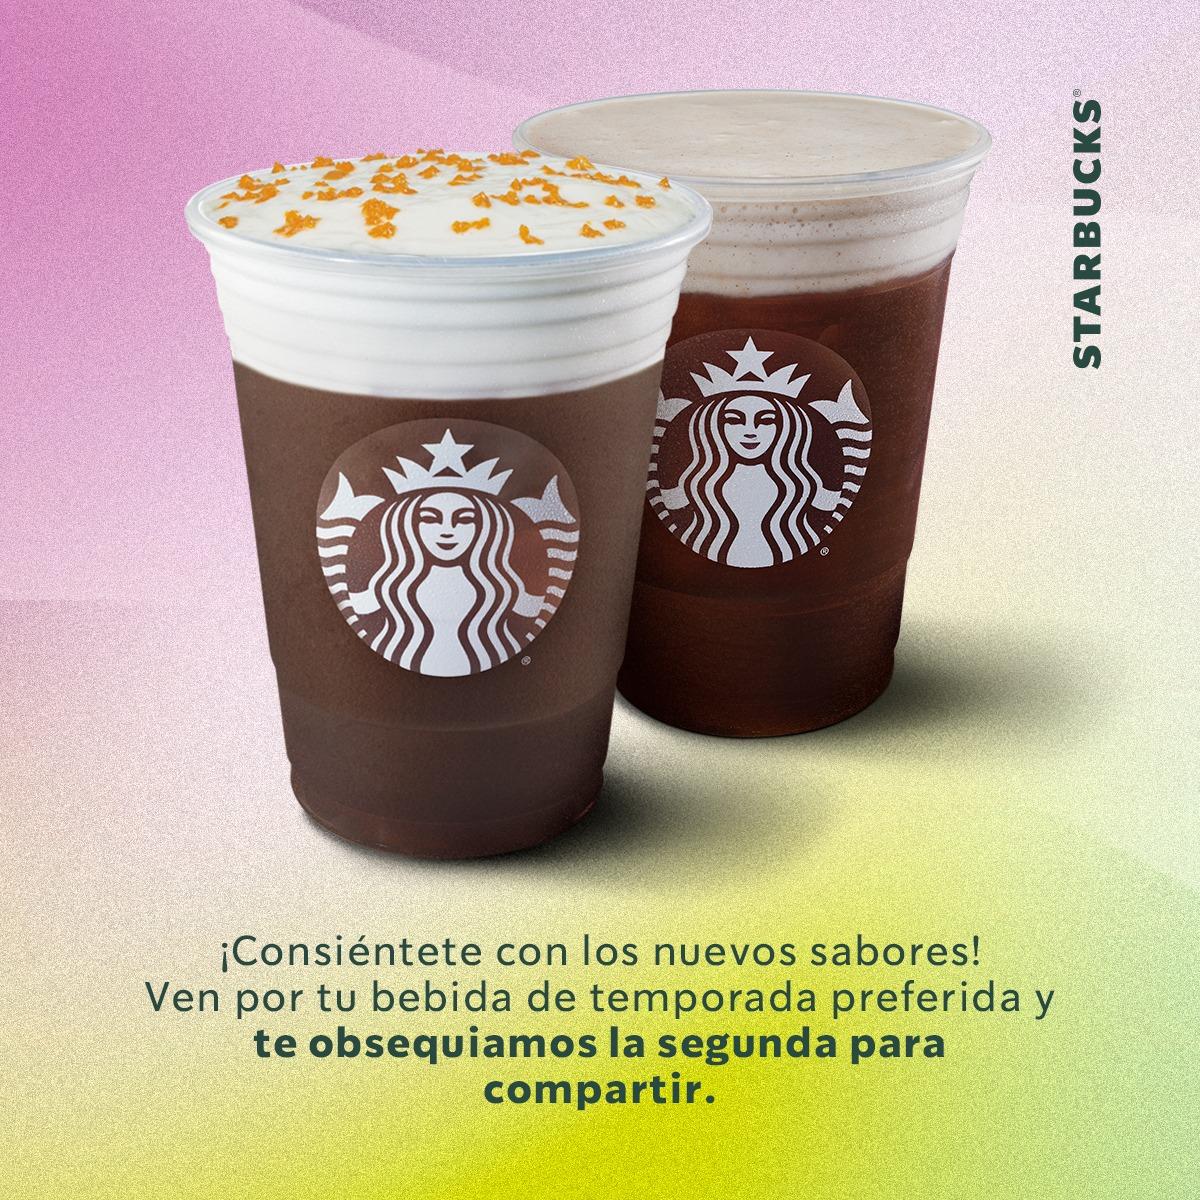 Starbucks: 2X1 H&C NARANJA Y AVELLANA MOCHA CREAM